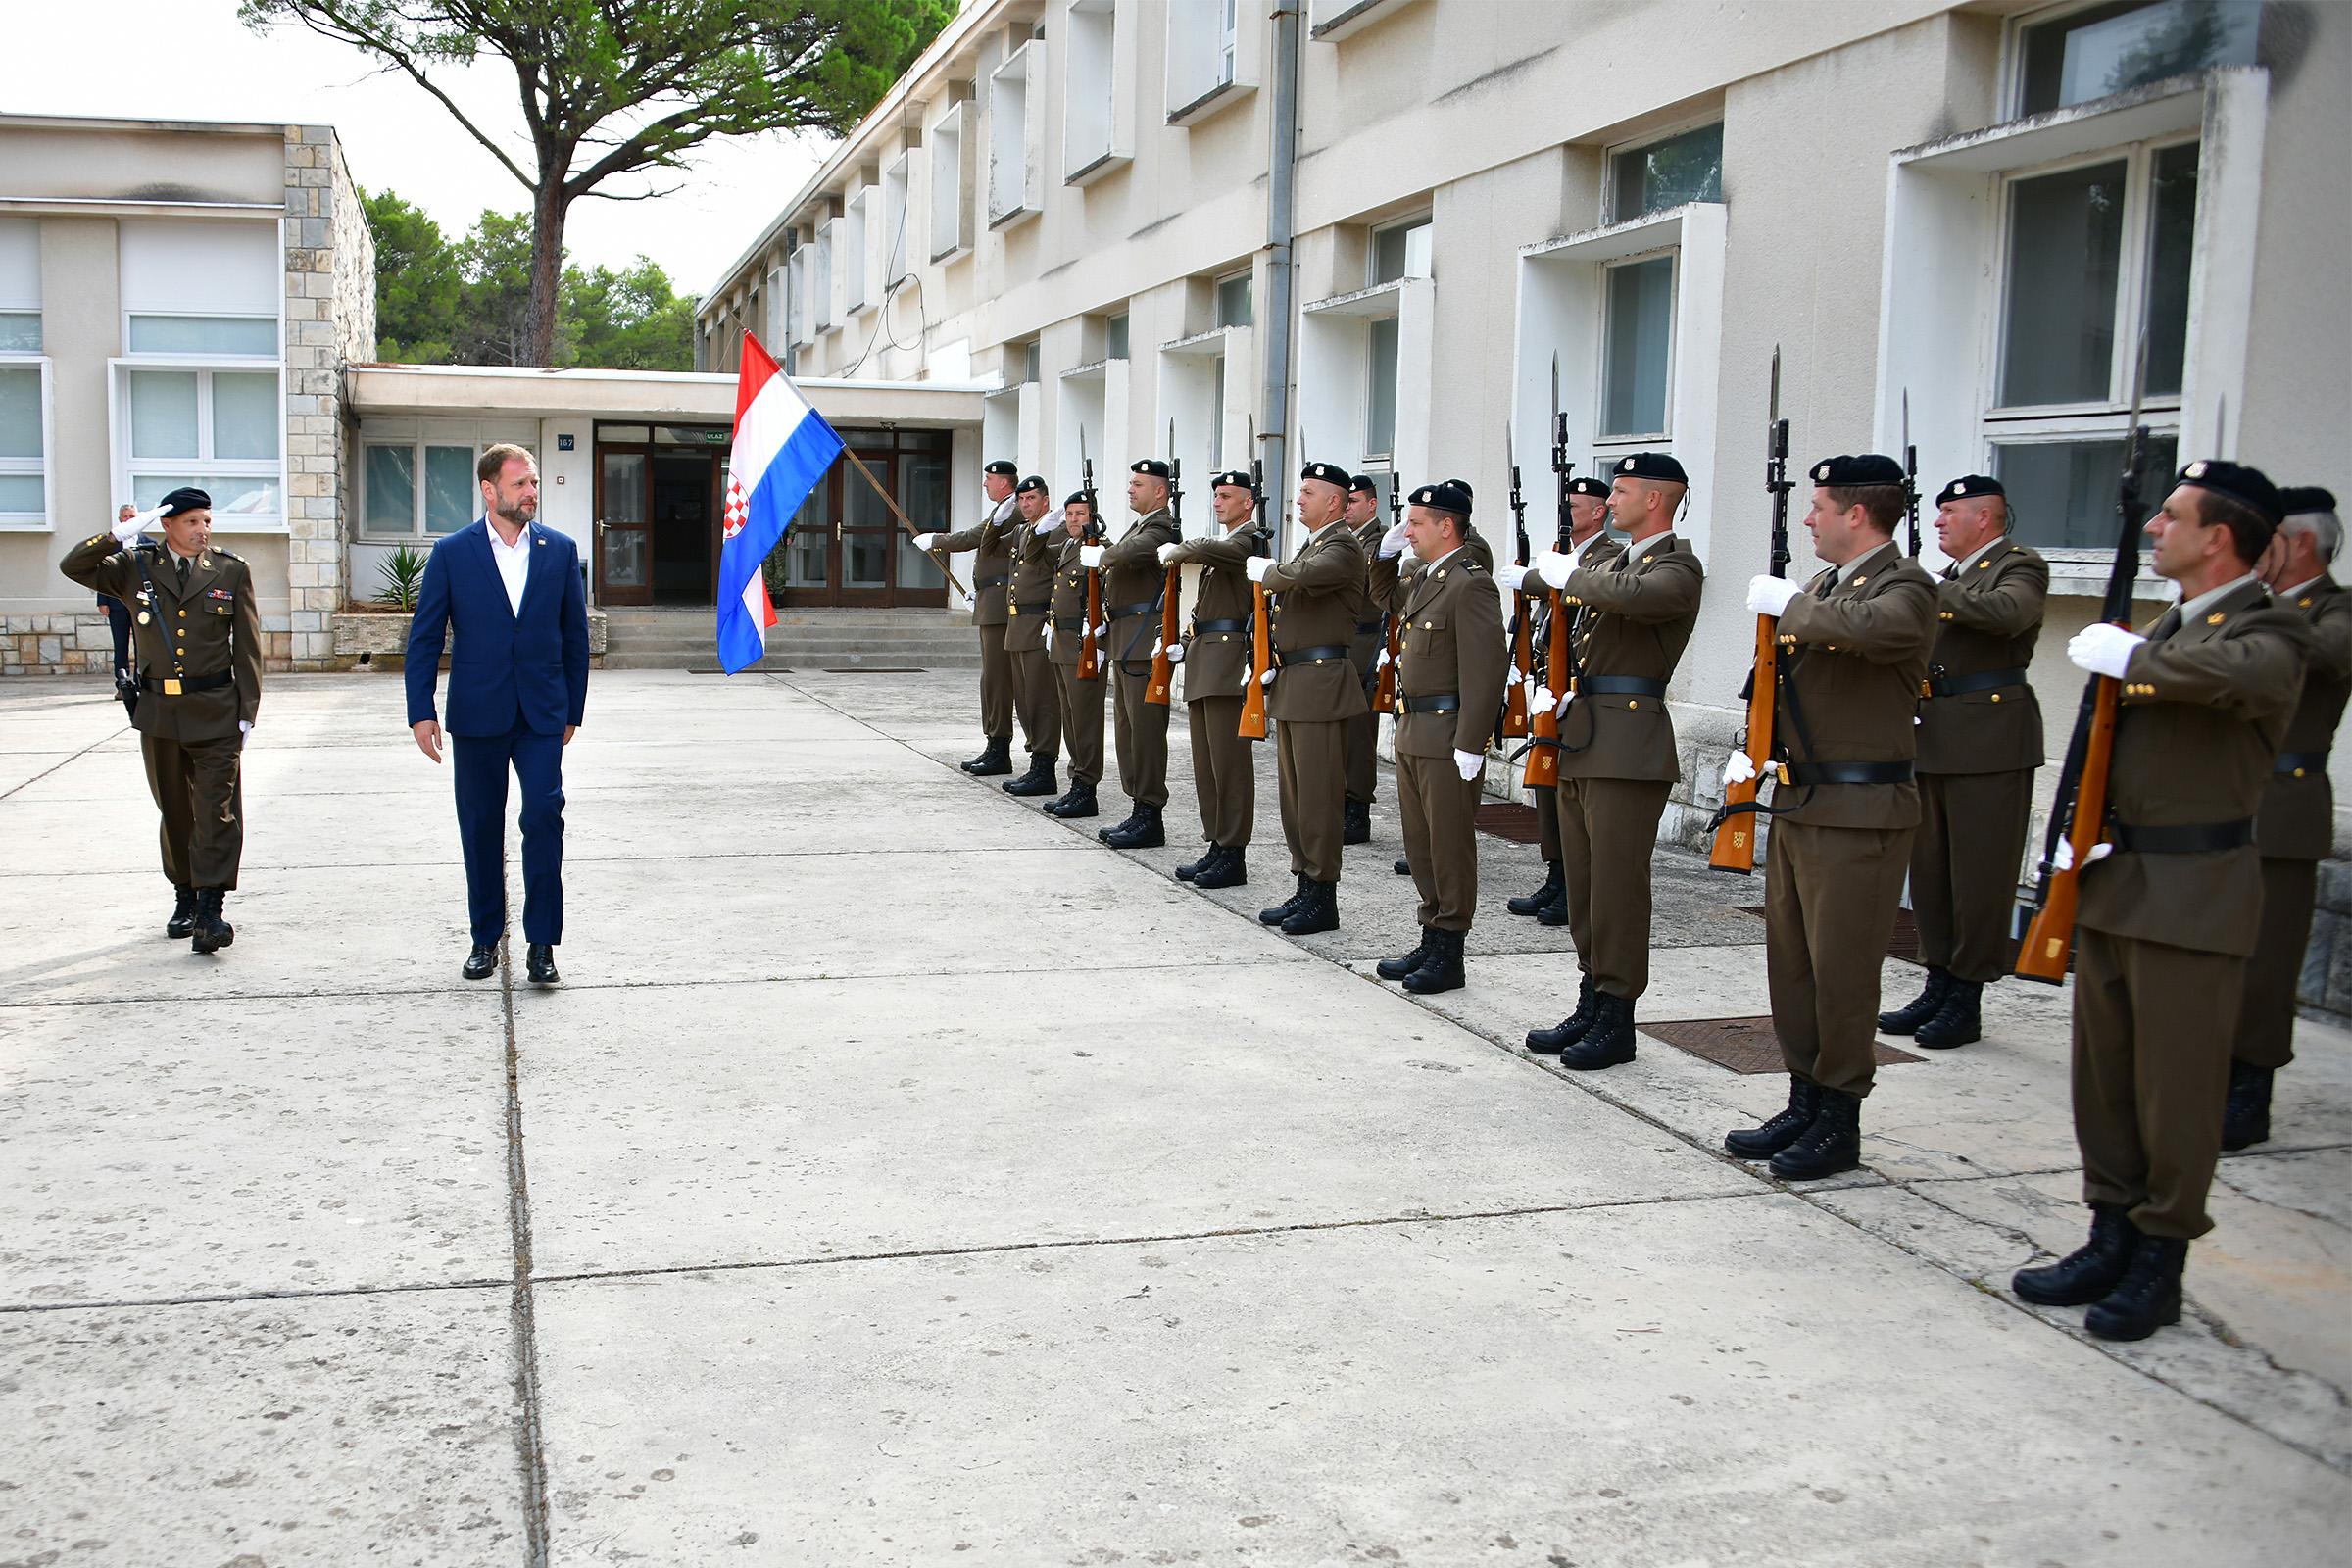 Ministar Banožić u radnom posjetu vojarni u Zemuniku